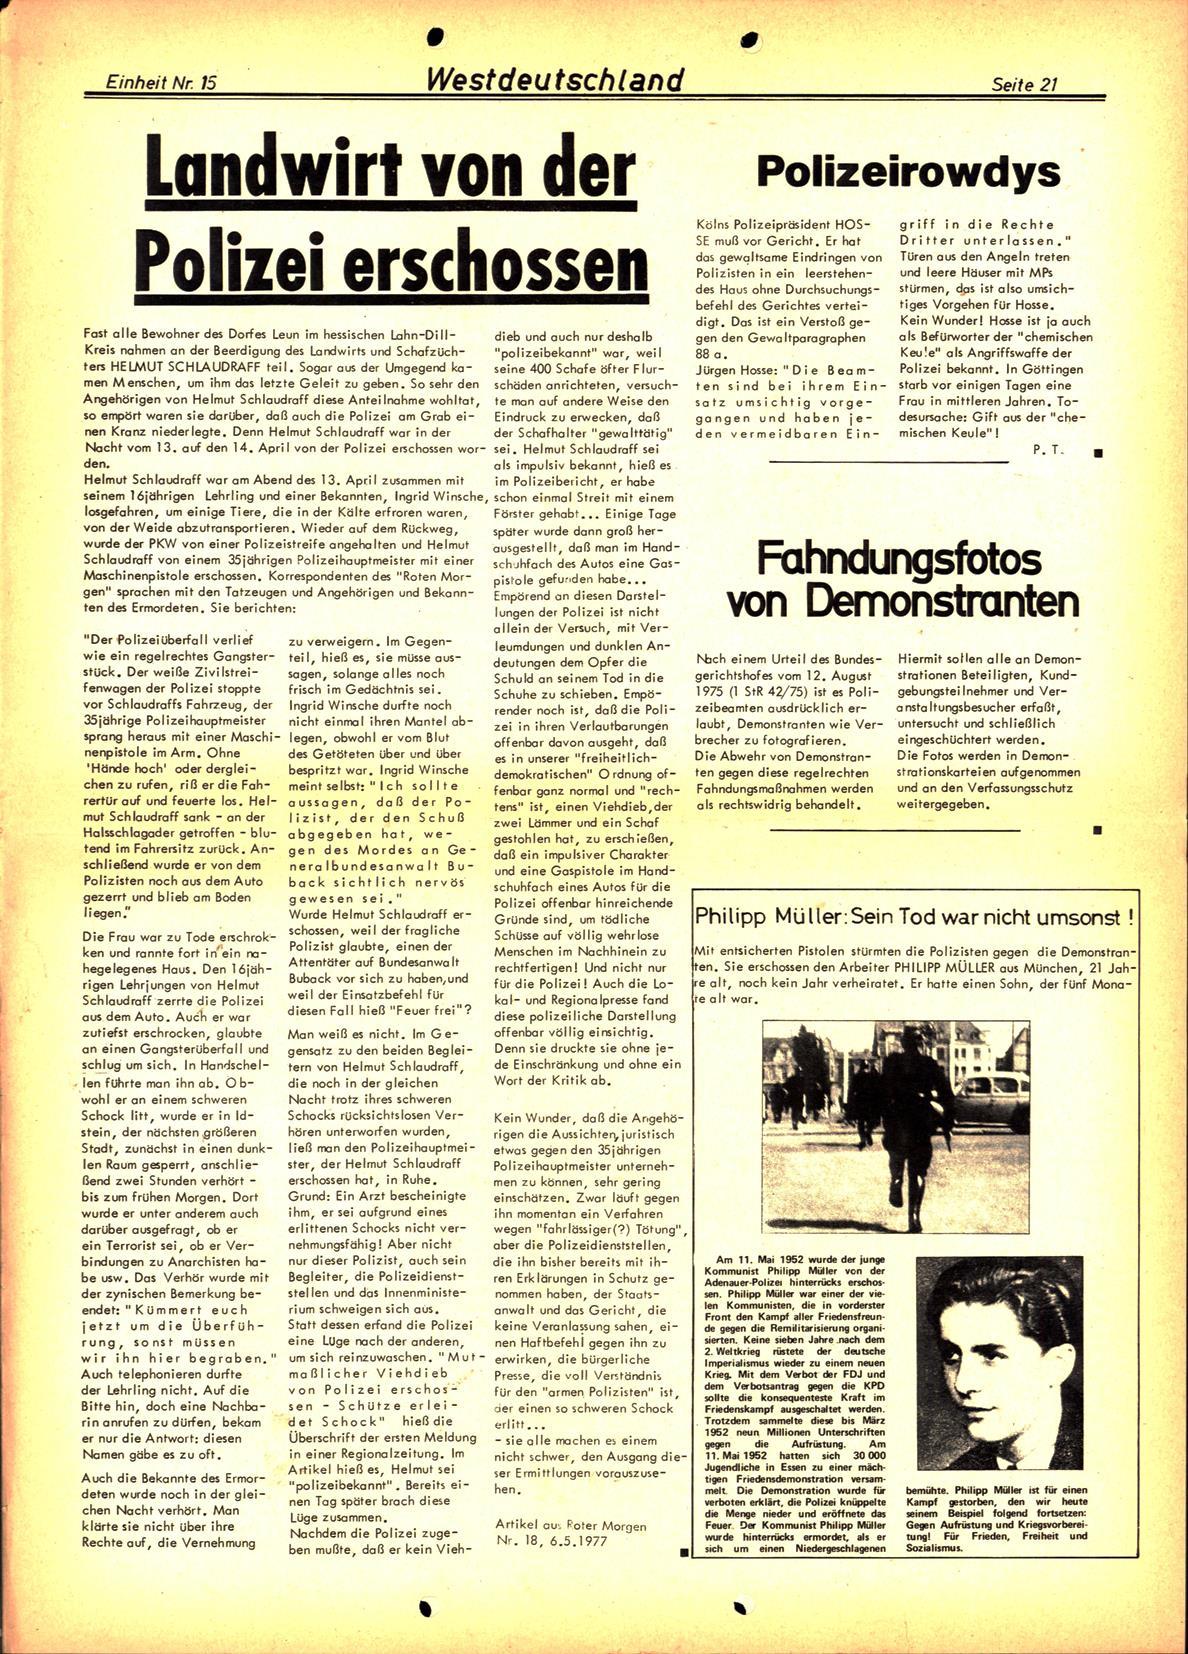 Koeln_IPdA_Einheit_1977_015_021